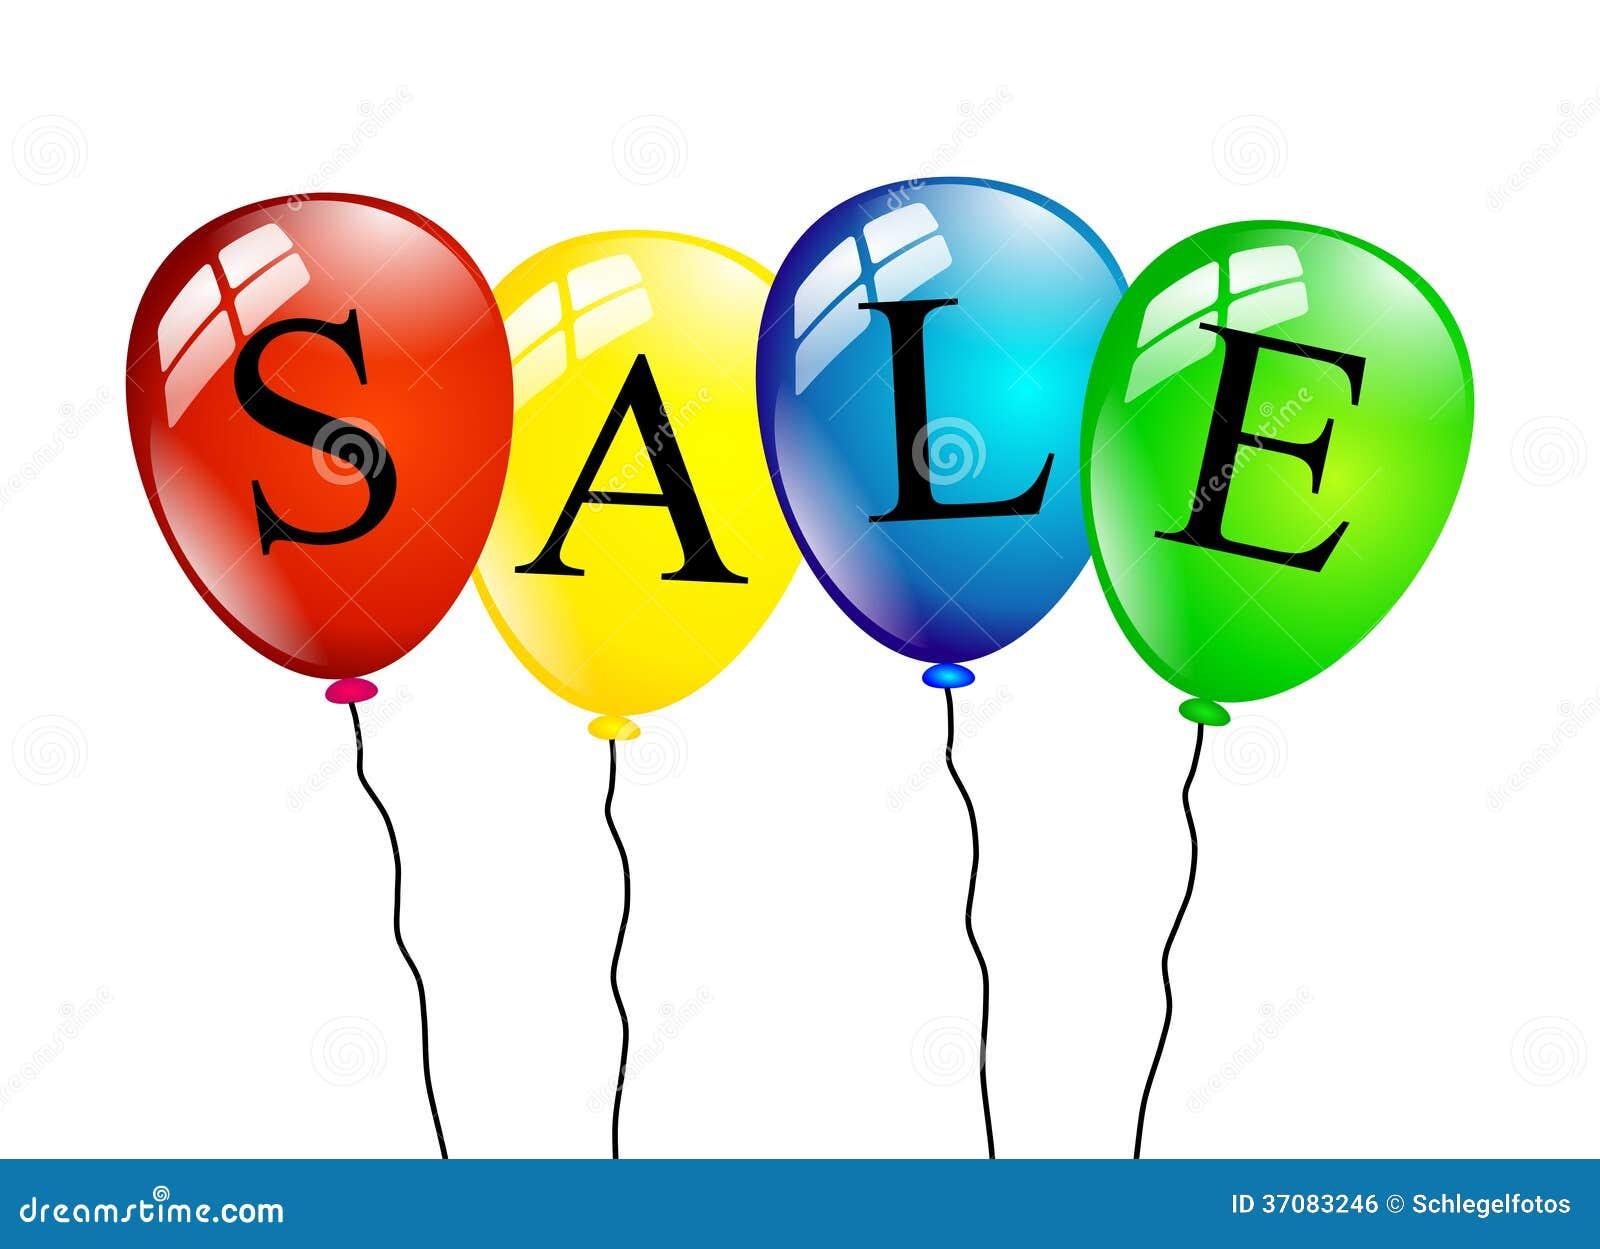 Download Sprzedaż Balony Odizolowywający Ilustracji - Ilustracja złożonej z zakupy, rabat: 37083246